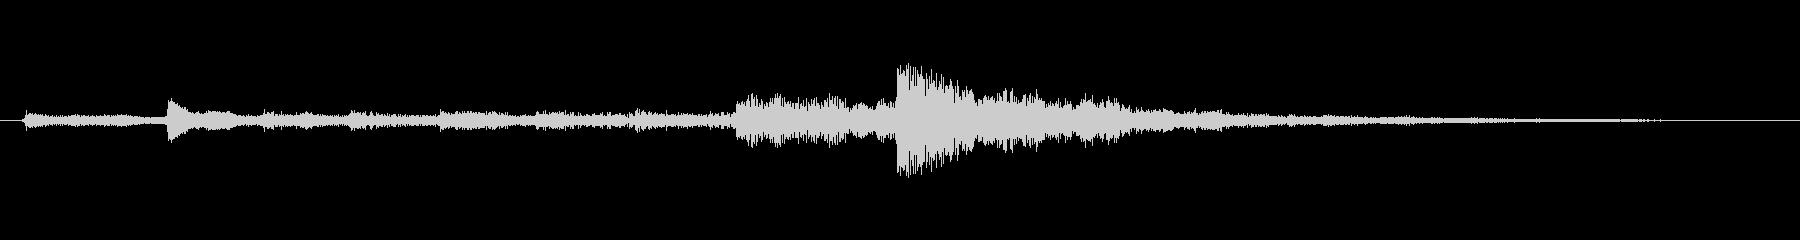 ホラー お化け文字列静かなシーケンス03の未再生の波形